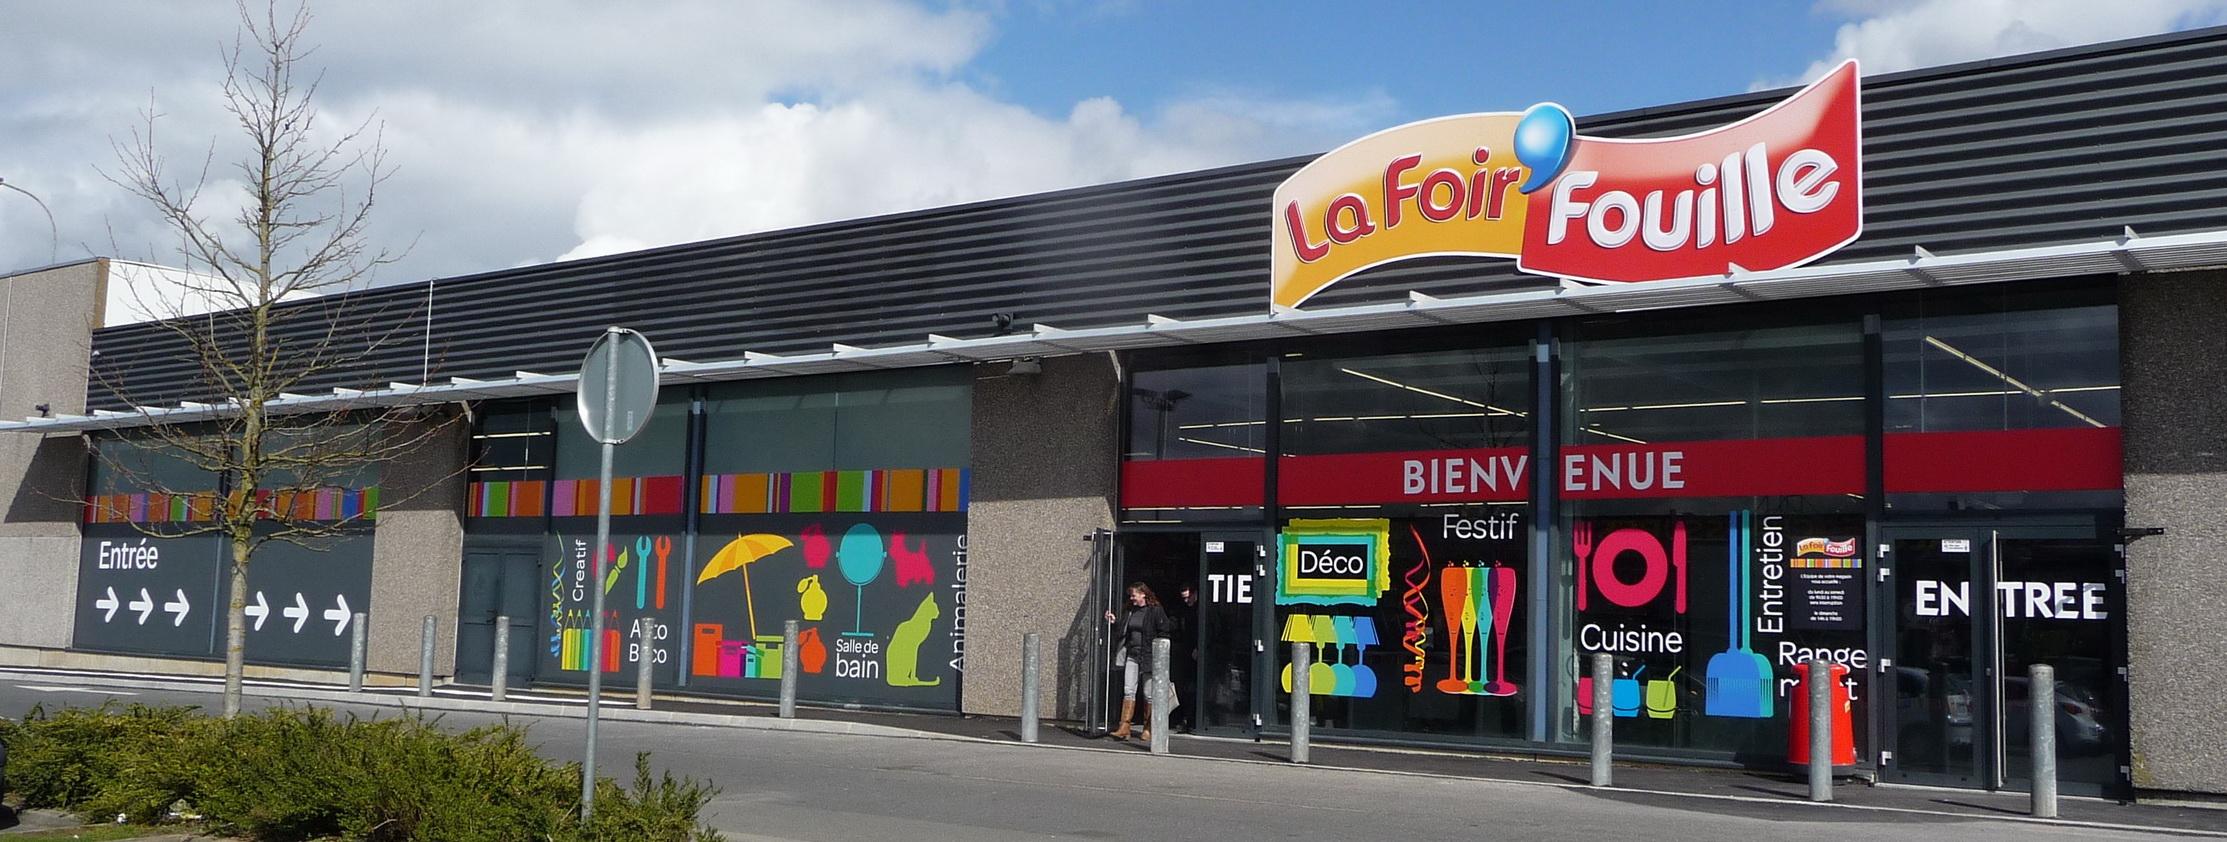 Service Client La Foir'fouille, Contacter La Foir'fouille ... avec Foir Fouille